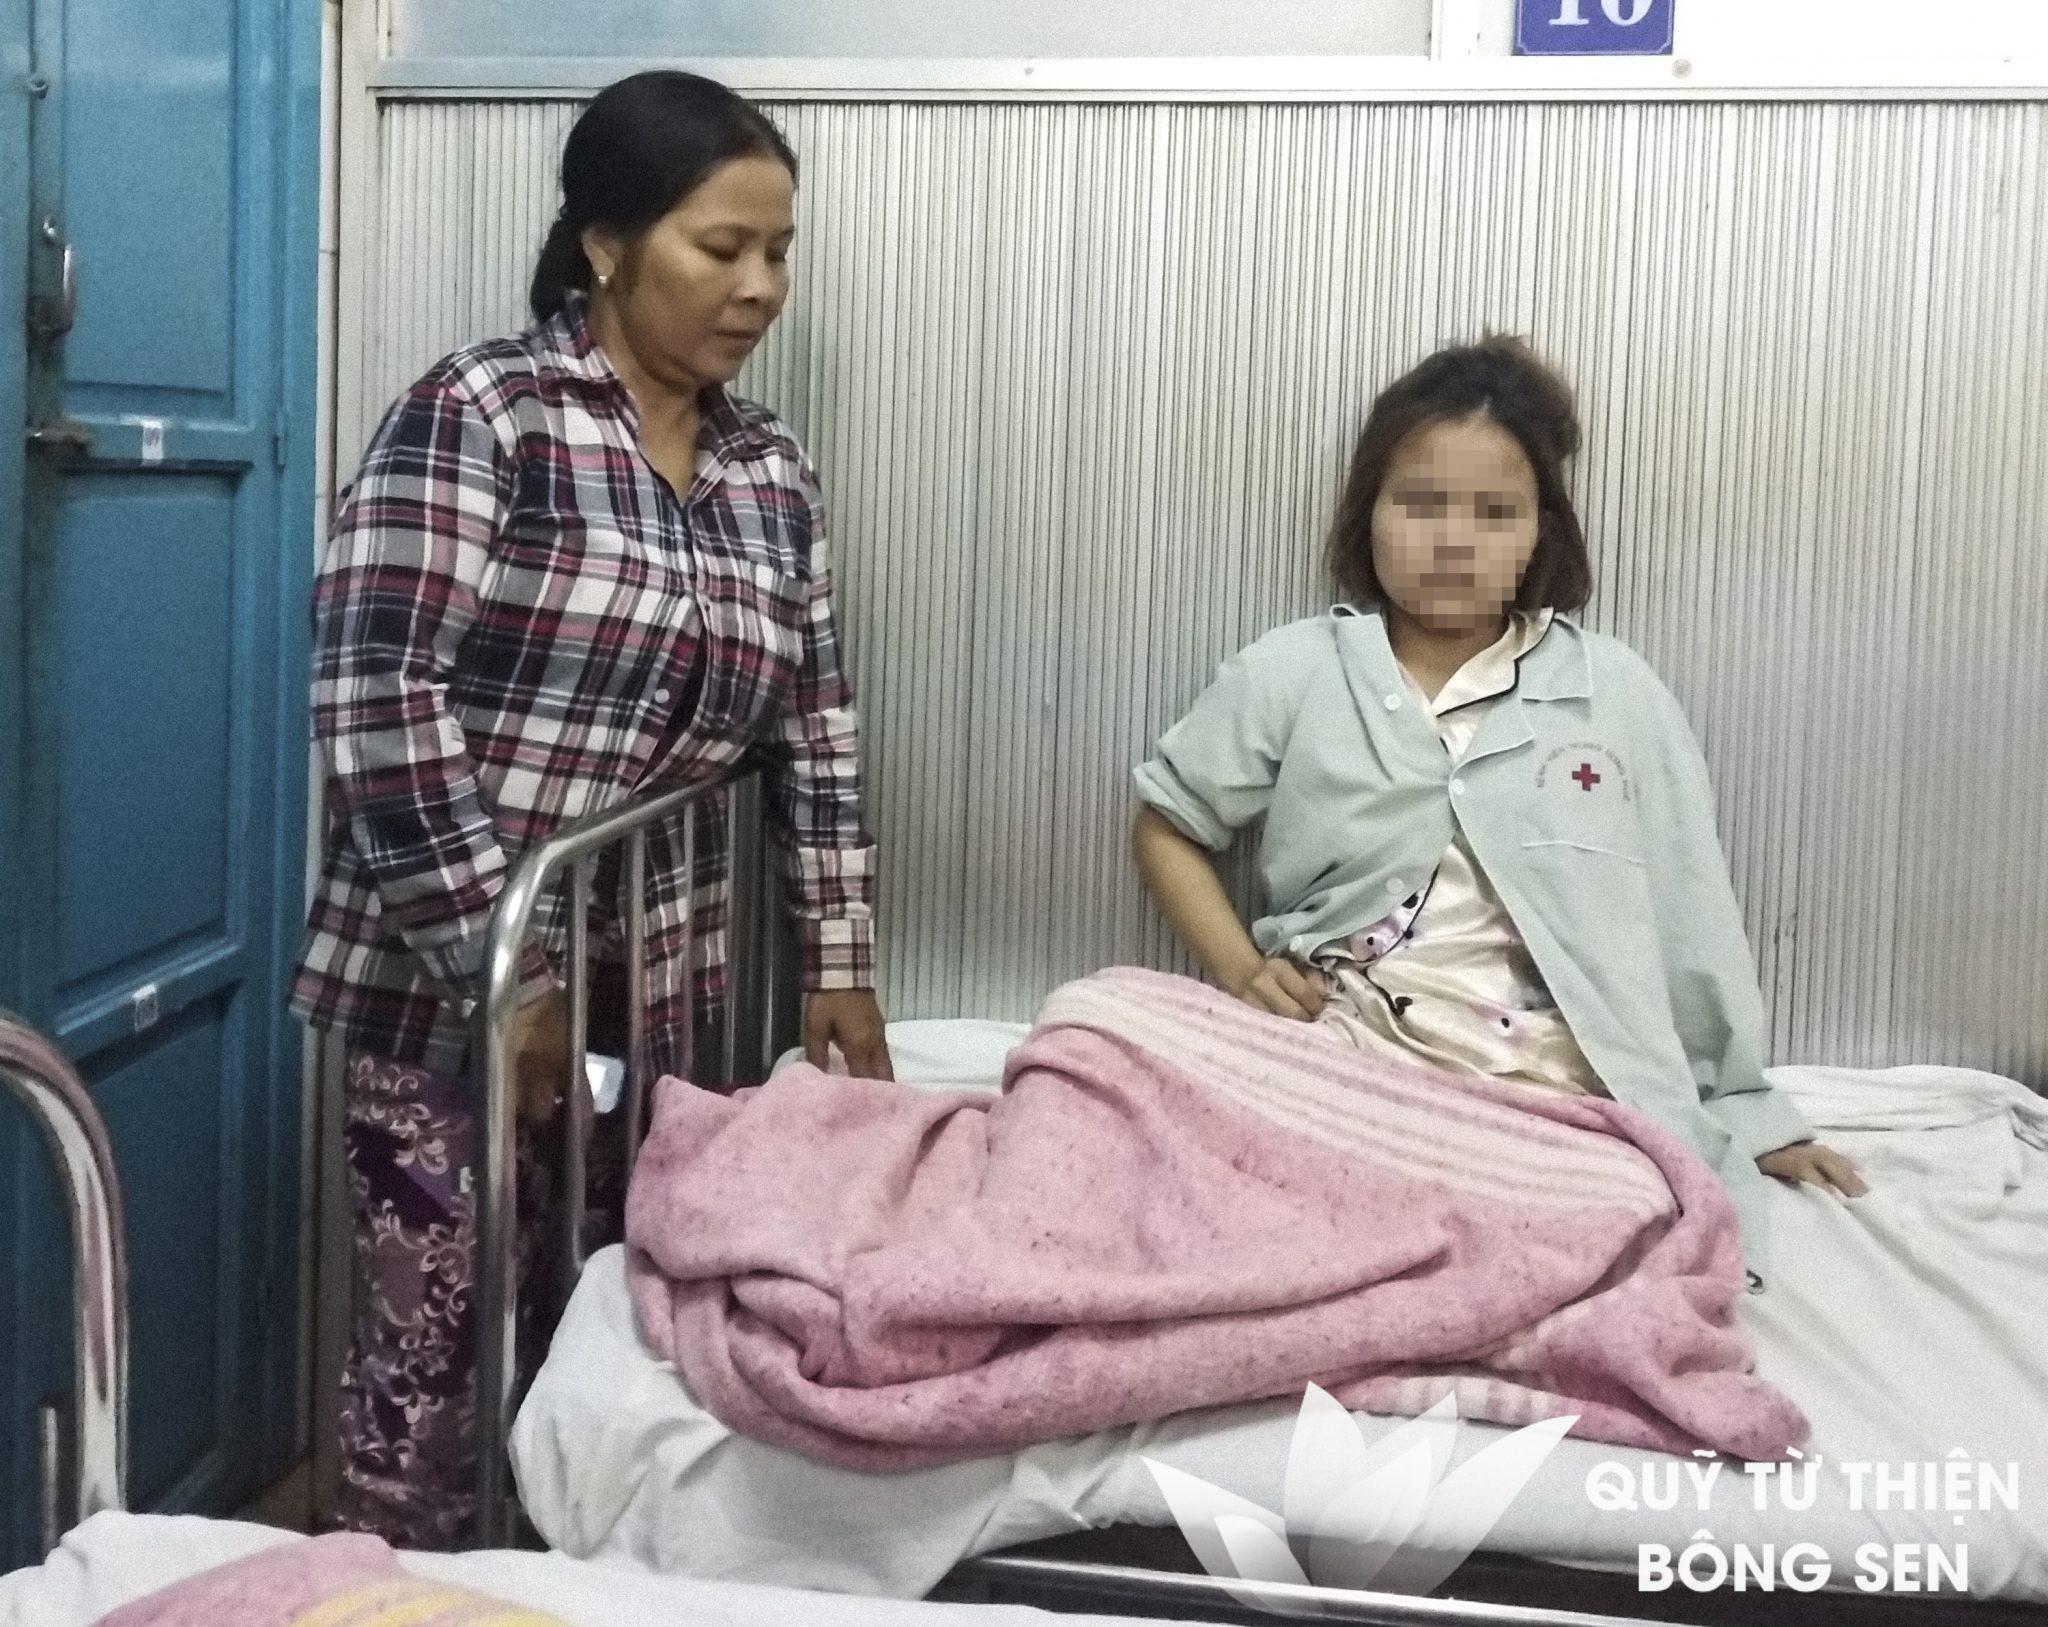 Kỳ 394: Lê Thị Hồng Hạnh (sinh năm 1993) quê Thừa Thiên Huế, Suy thận mãn tính, hỗ trợ 8 triệu đồng ngày 23/11/2018